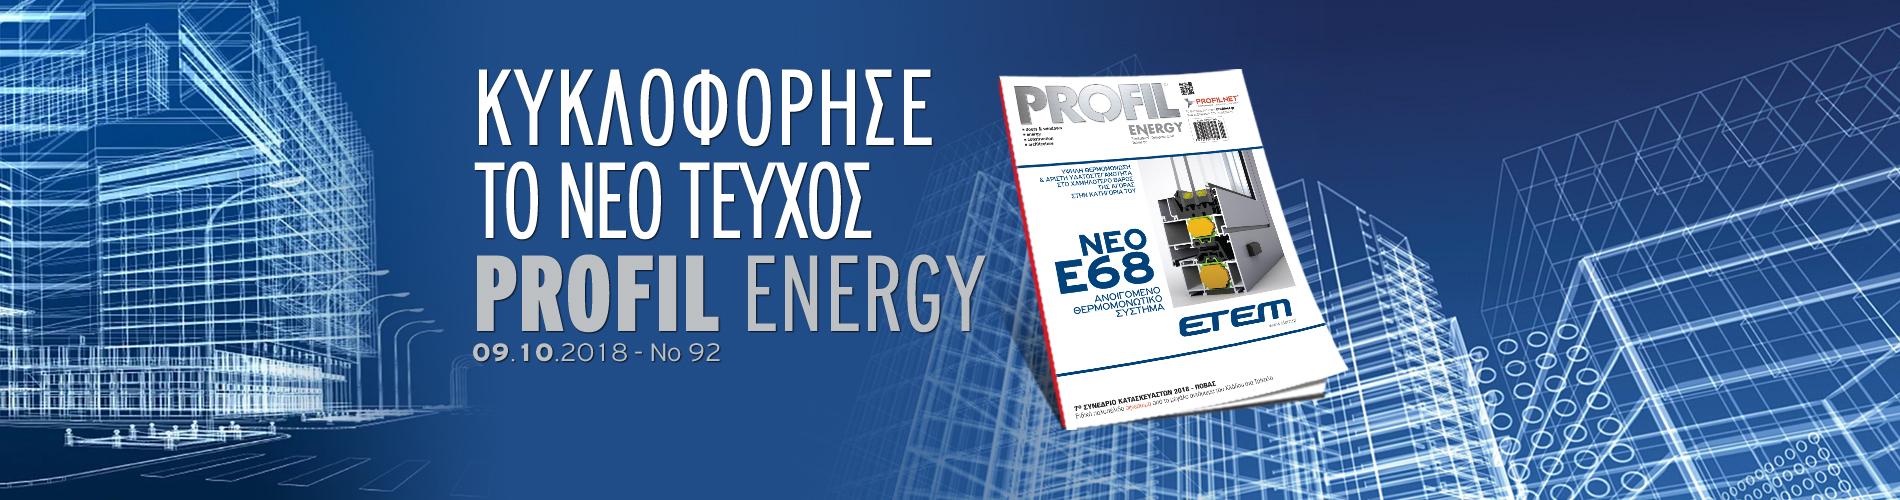 Profil Energy 92